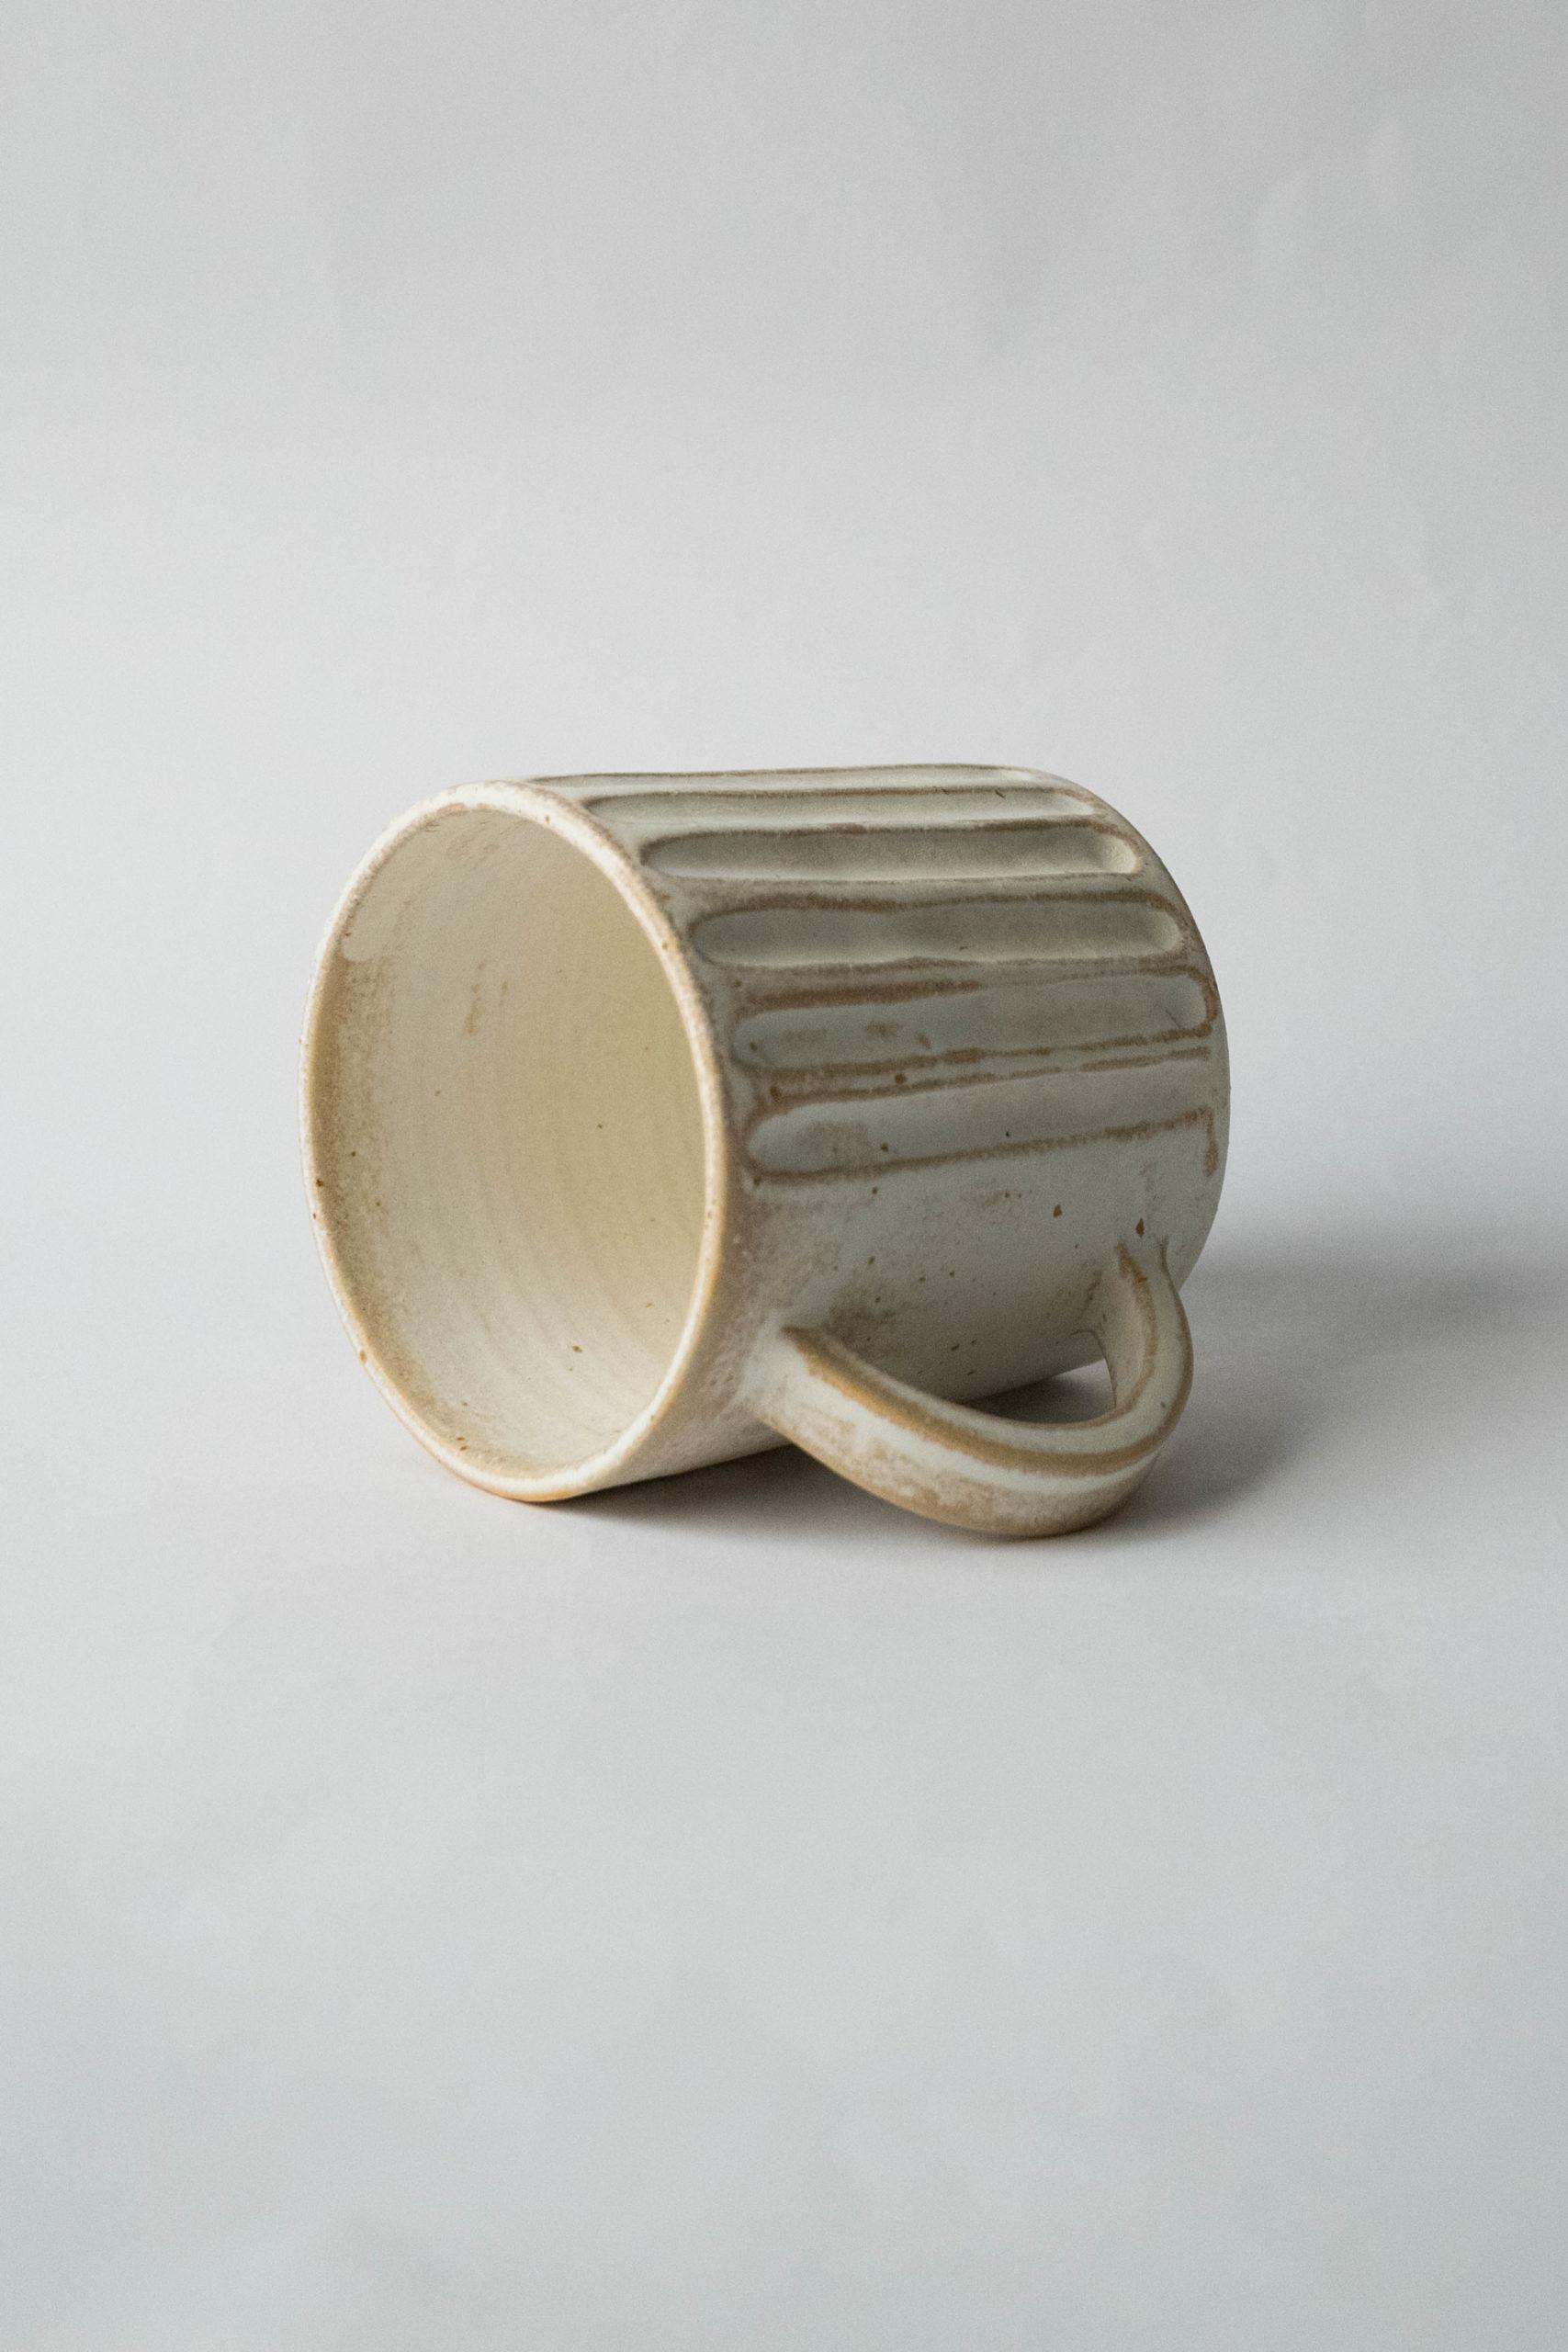 vista general de calidad fabricada a mano guias verticales